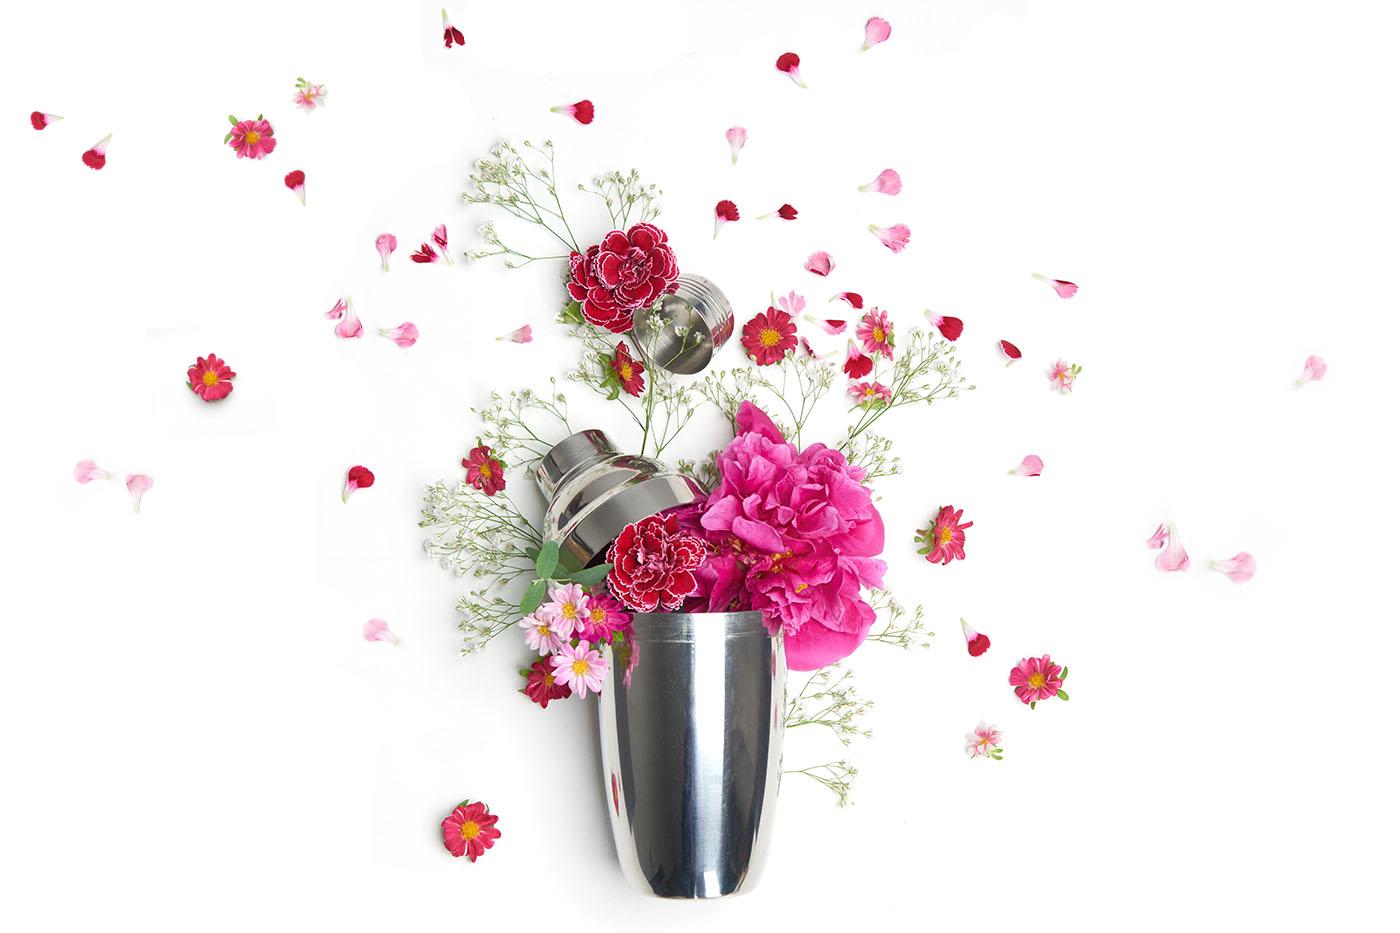 꽃을 칵테일에 활용하는 법 Drink Magazine